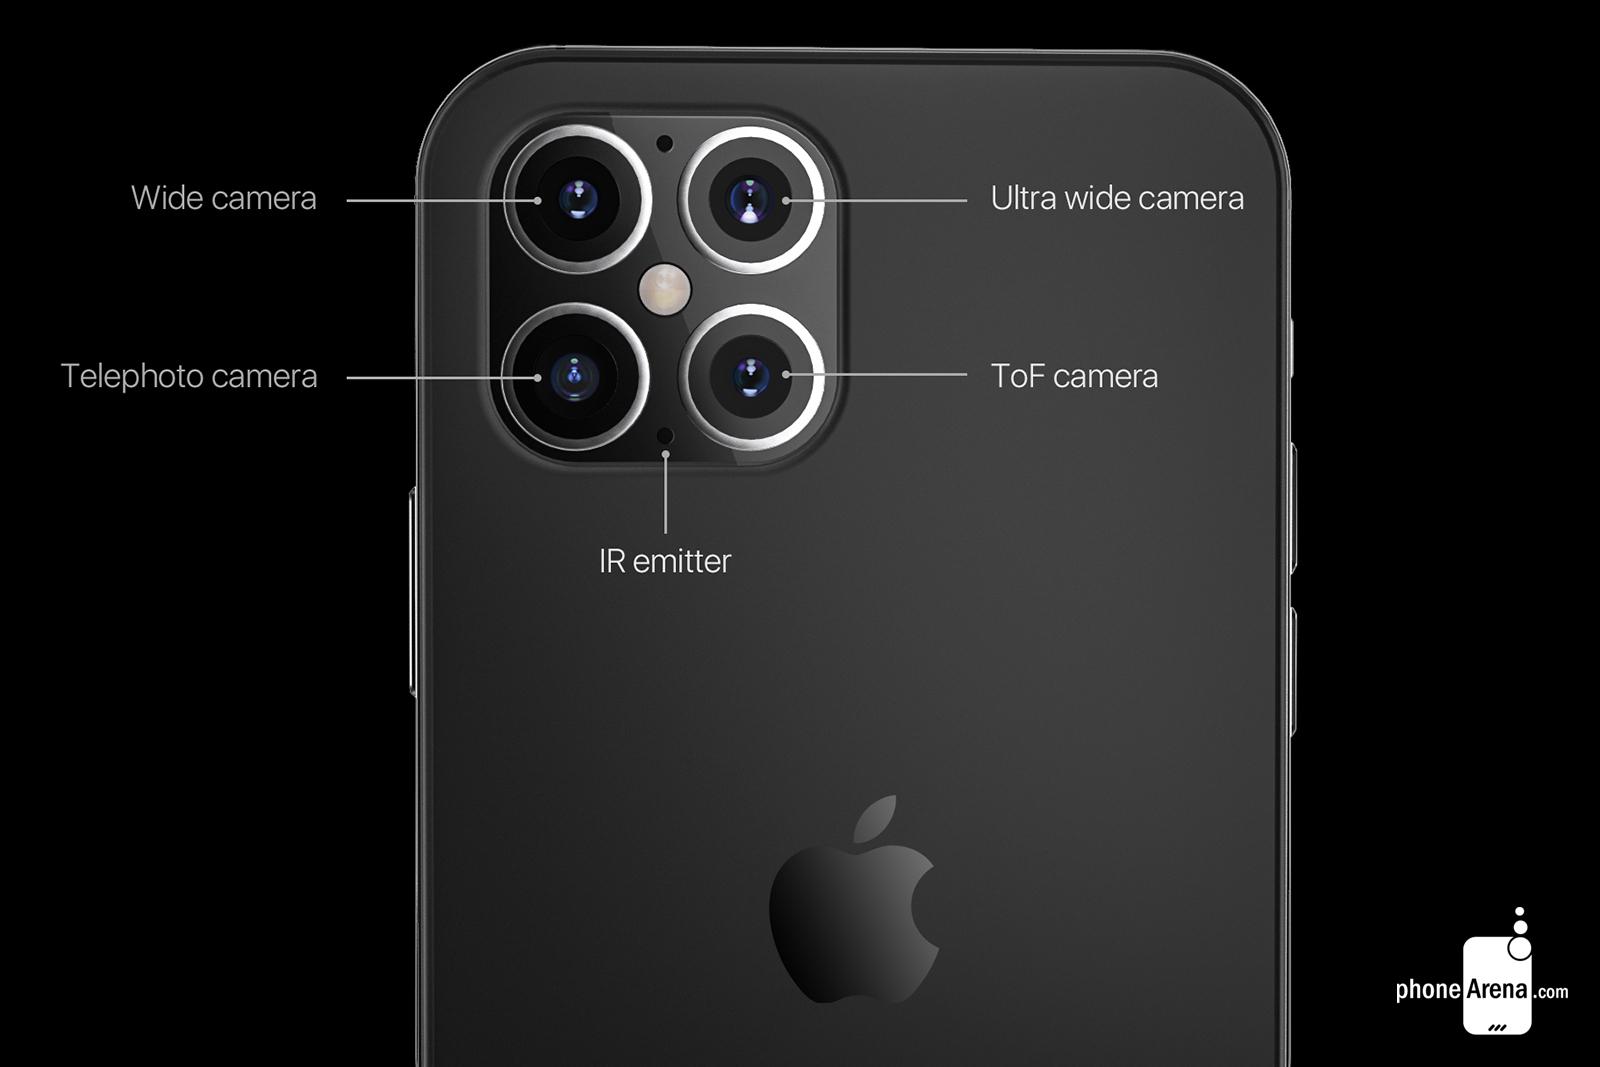 طراحی آیفون 12 در مقایسه با تمامی آیفونها متفاوتتر خواهد بود